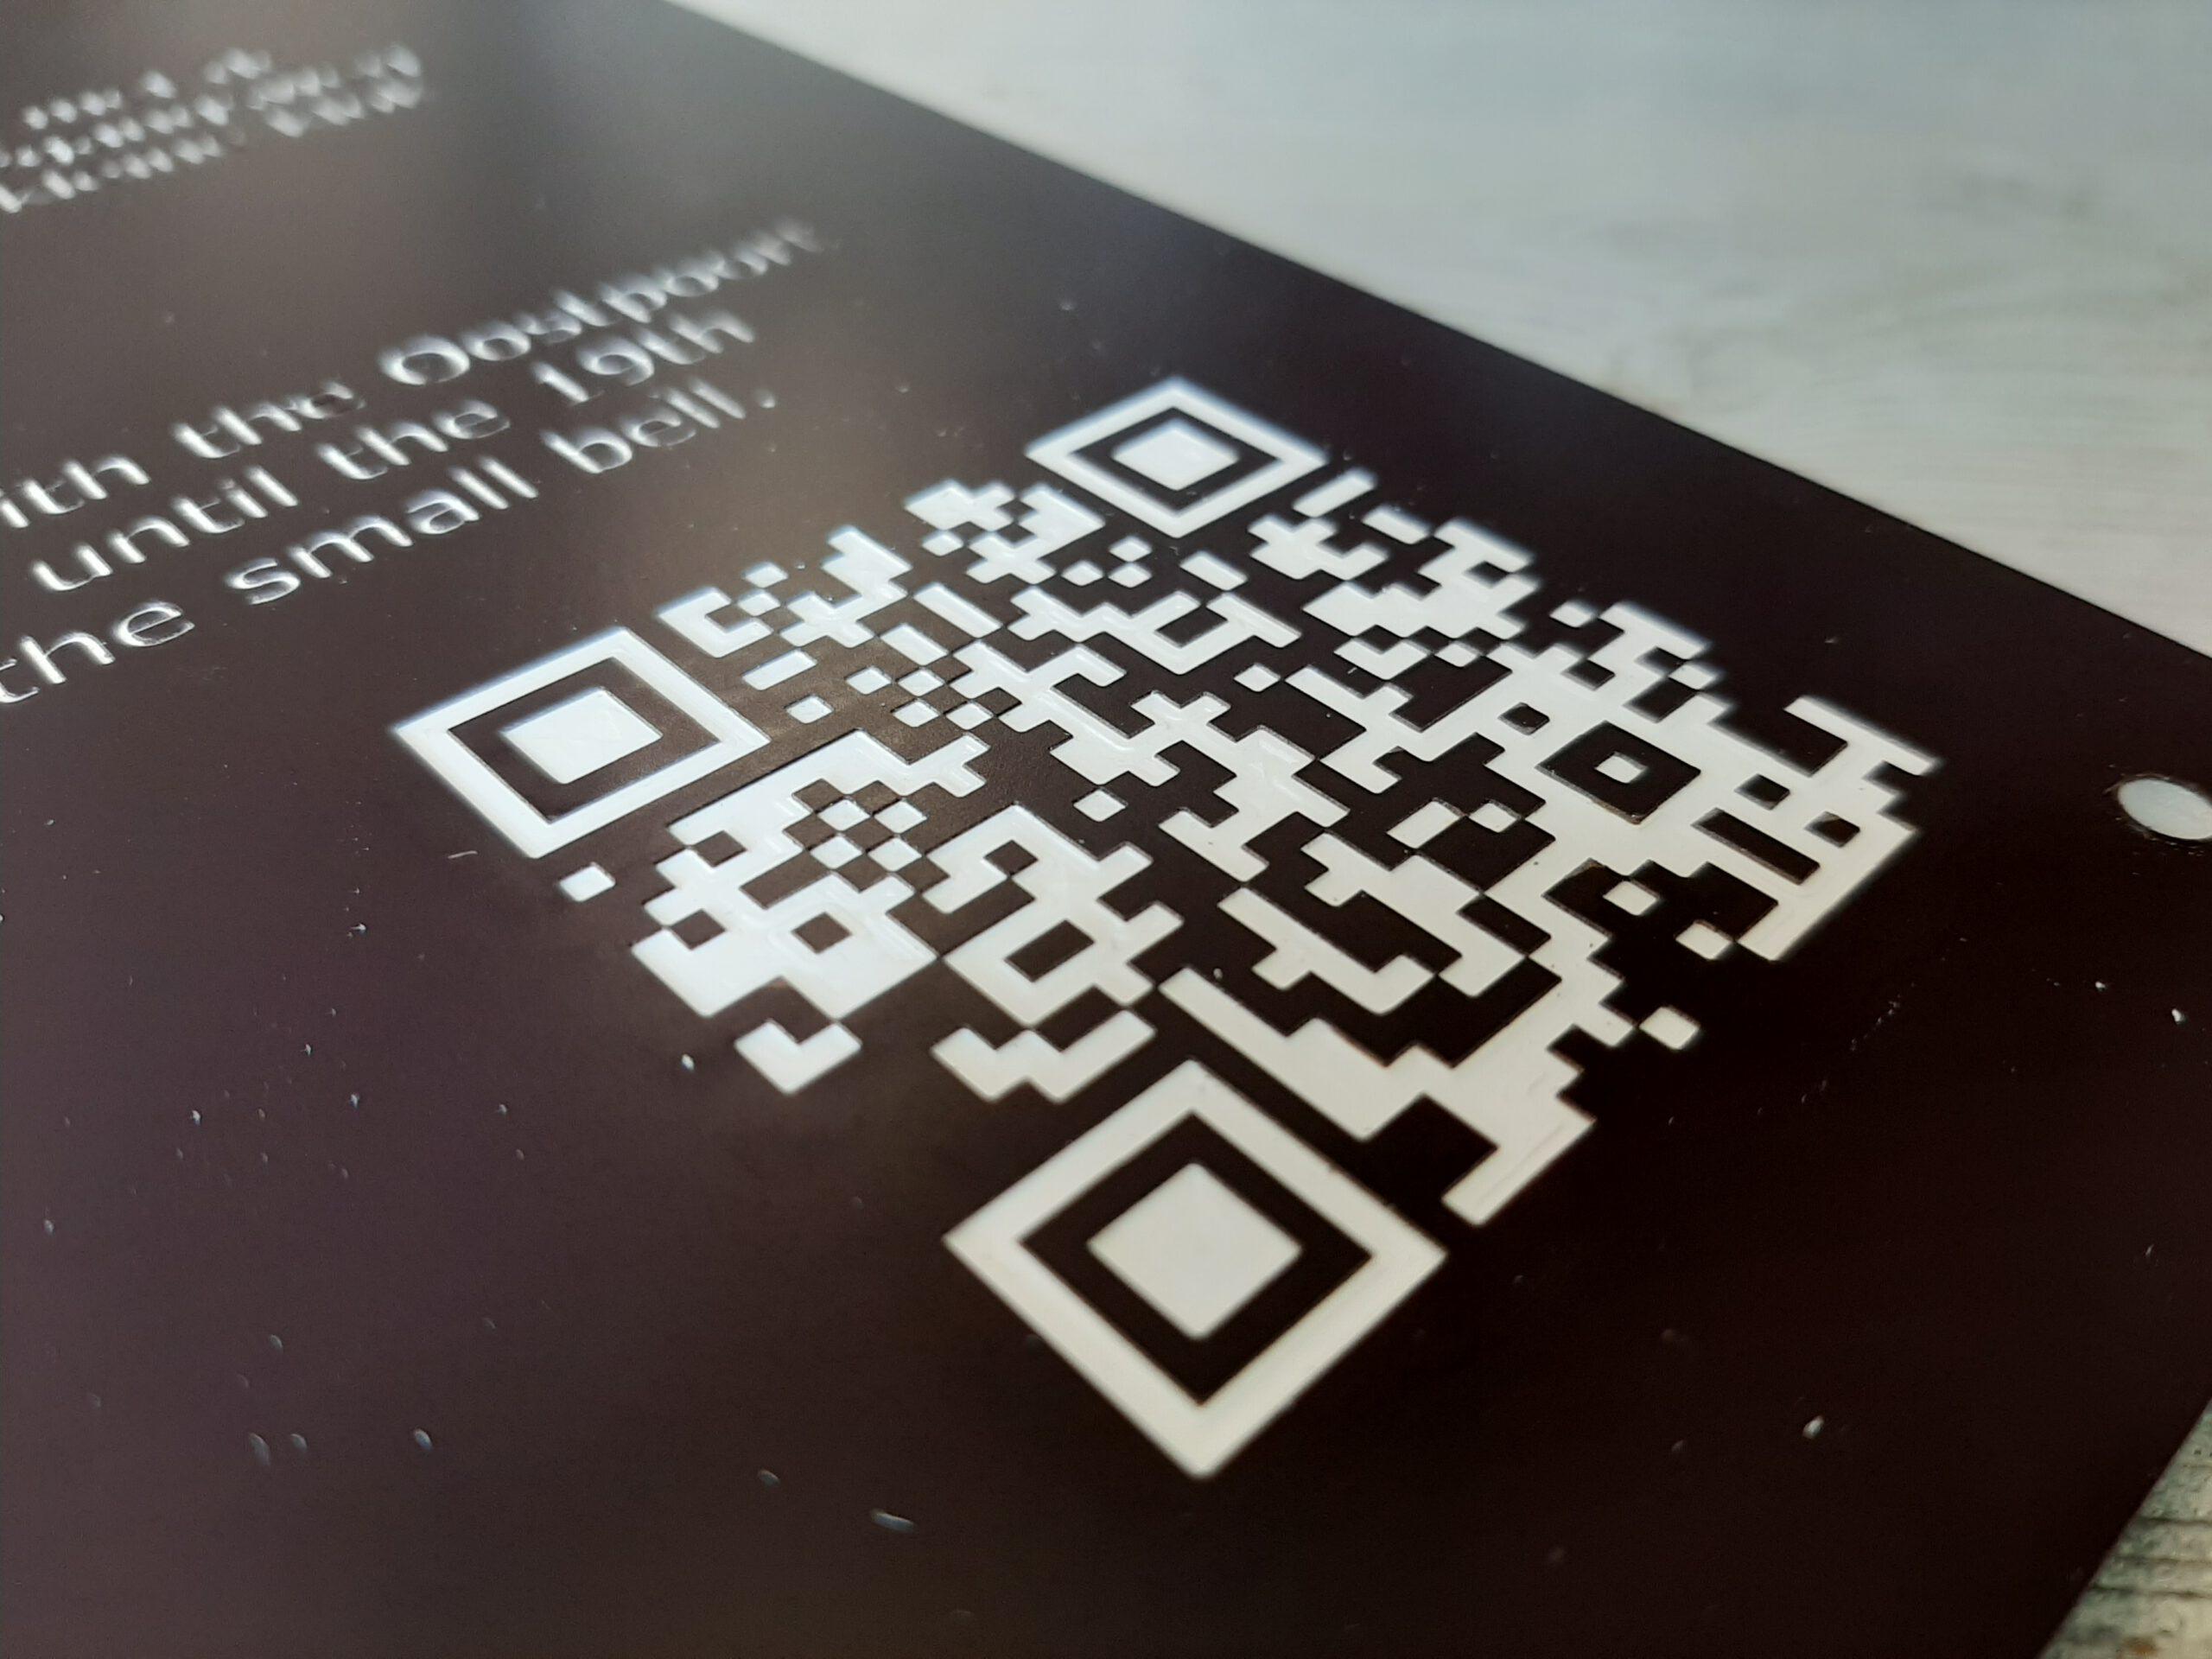 Erfgoed borden Erfgoed pand QR code